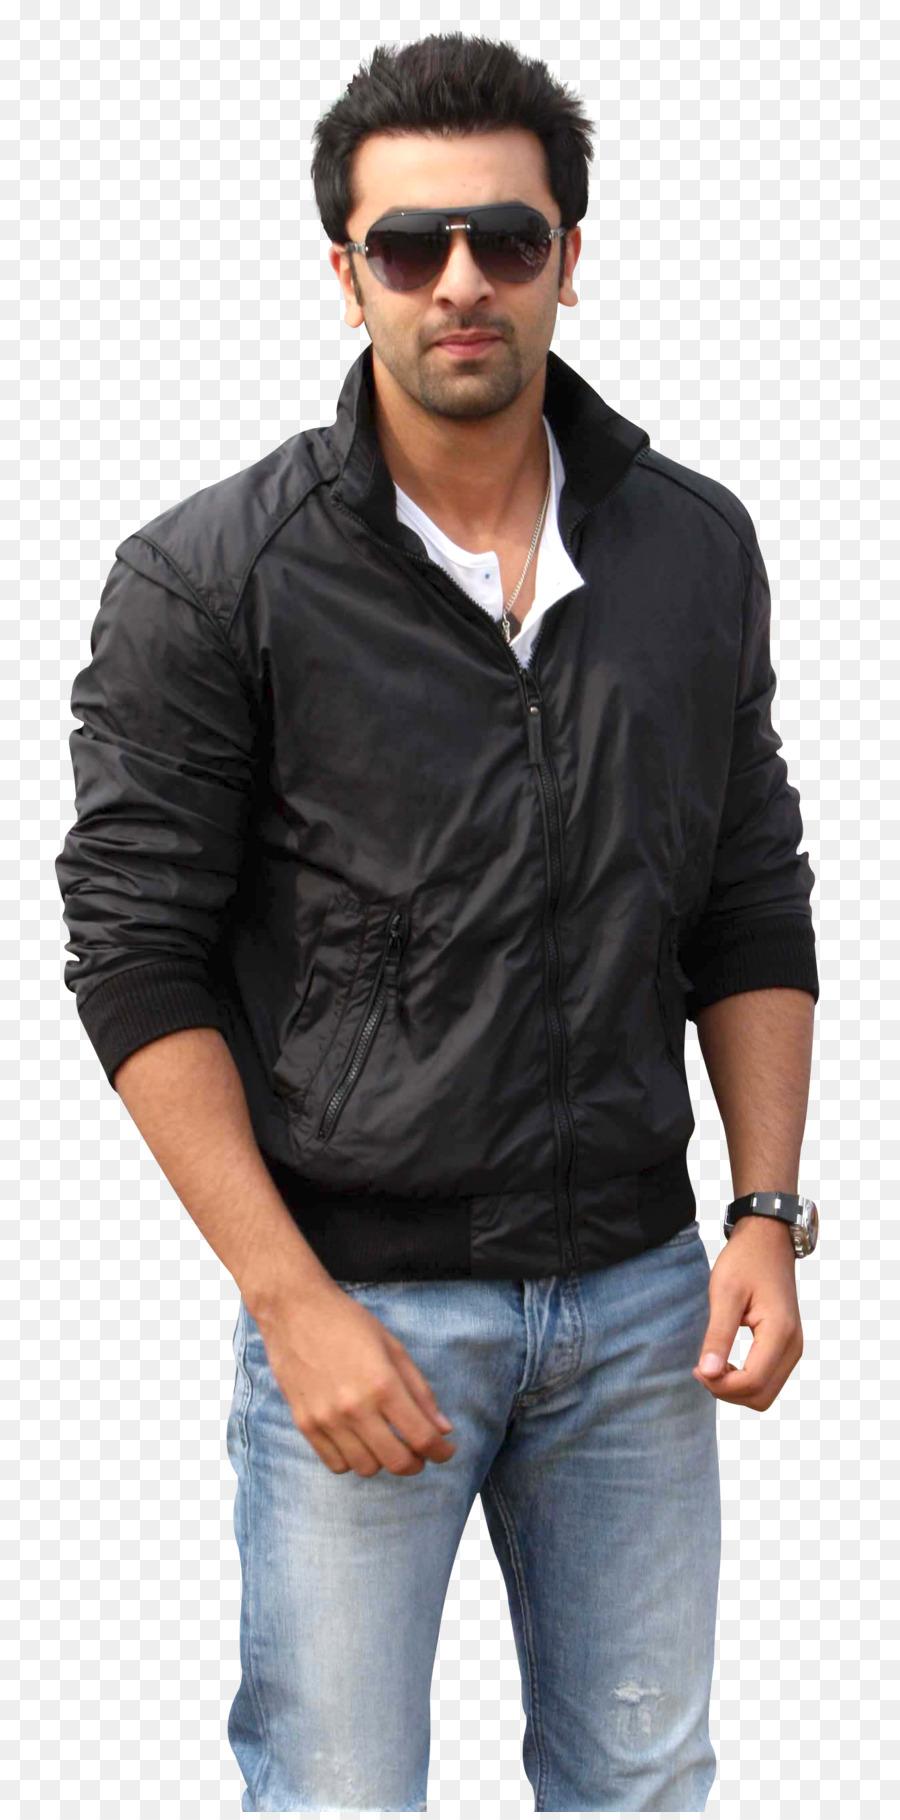 Ranbir Kapoor Bollywood Actor Film Ranbir Kapoor Png Download